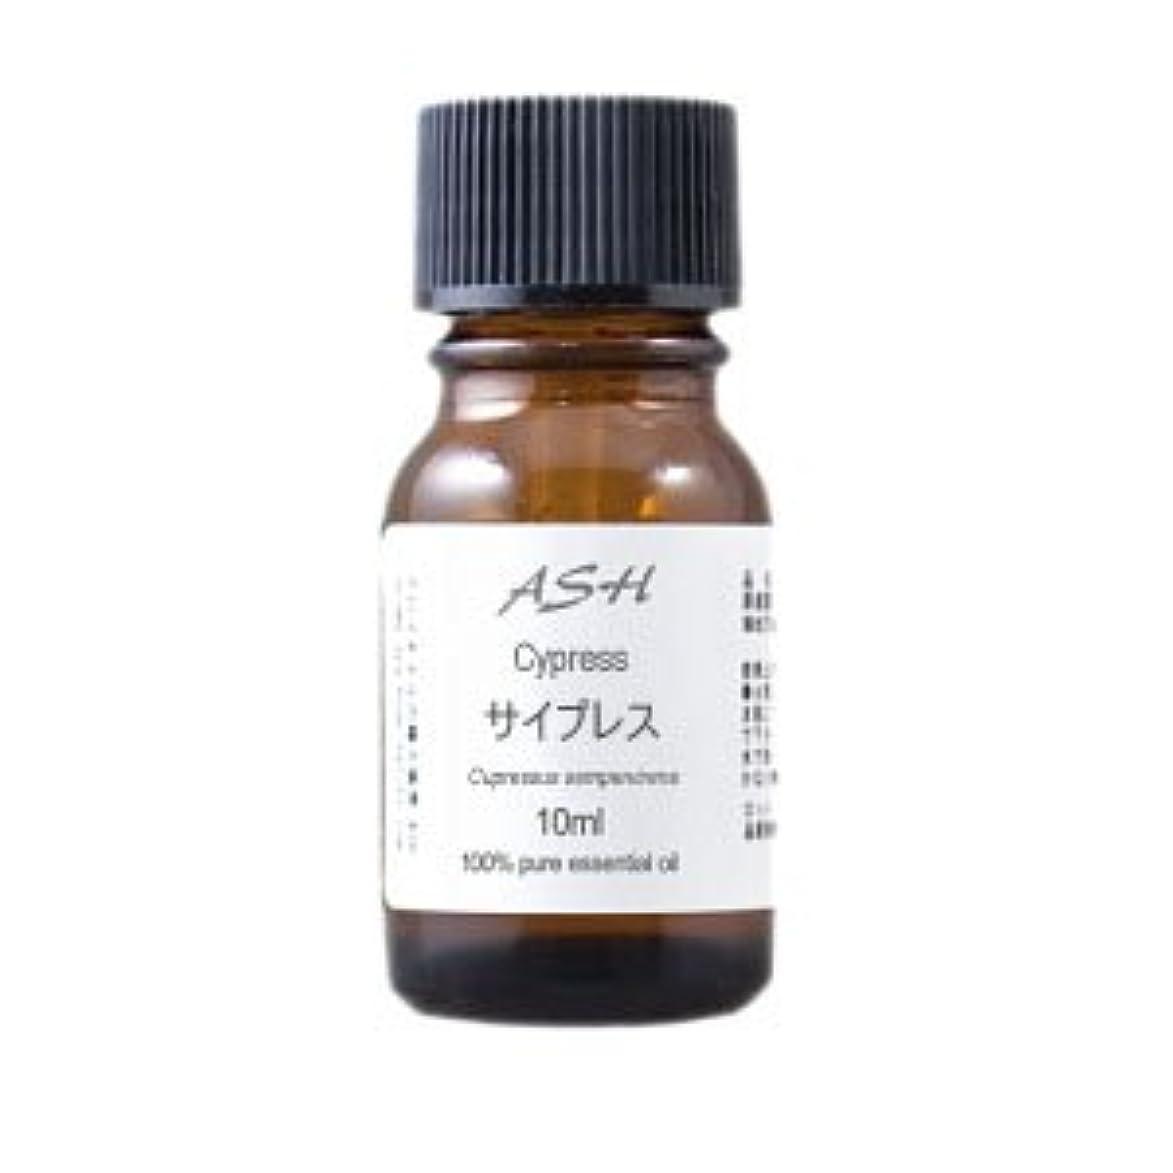 広告する電気技師生態学ASH サイプレス エッセンシャルオイル 10ml AEAJ表示基準適合認定精油